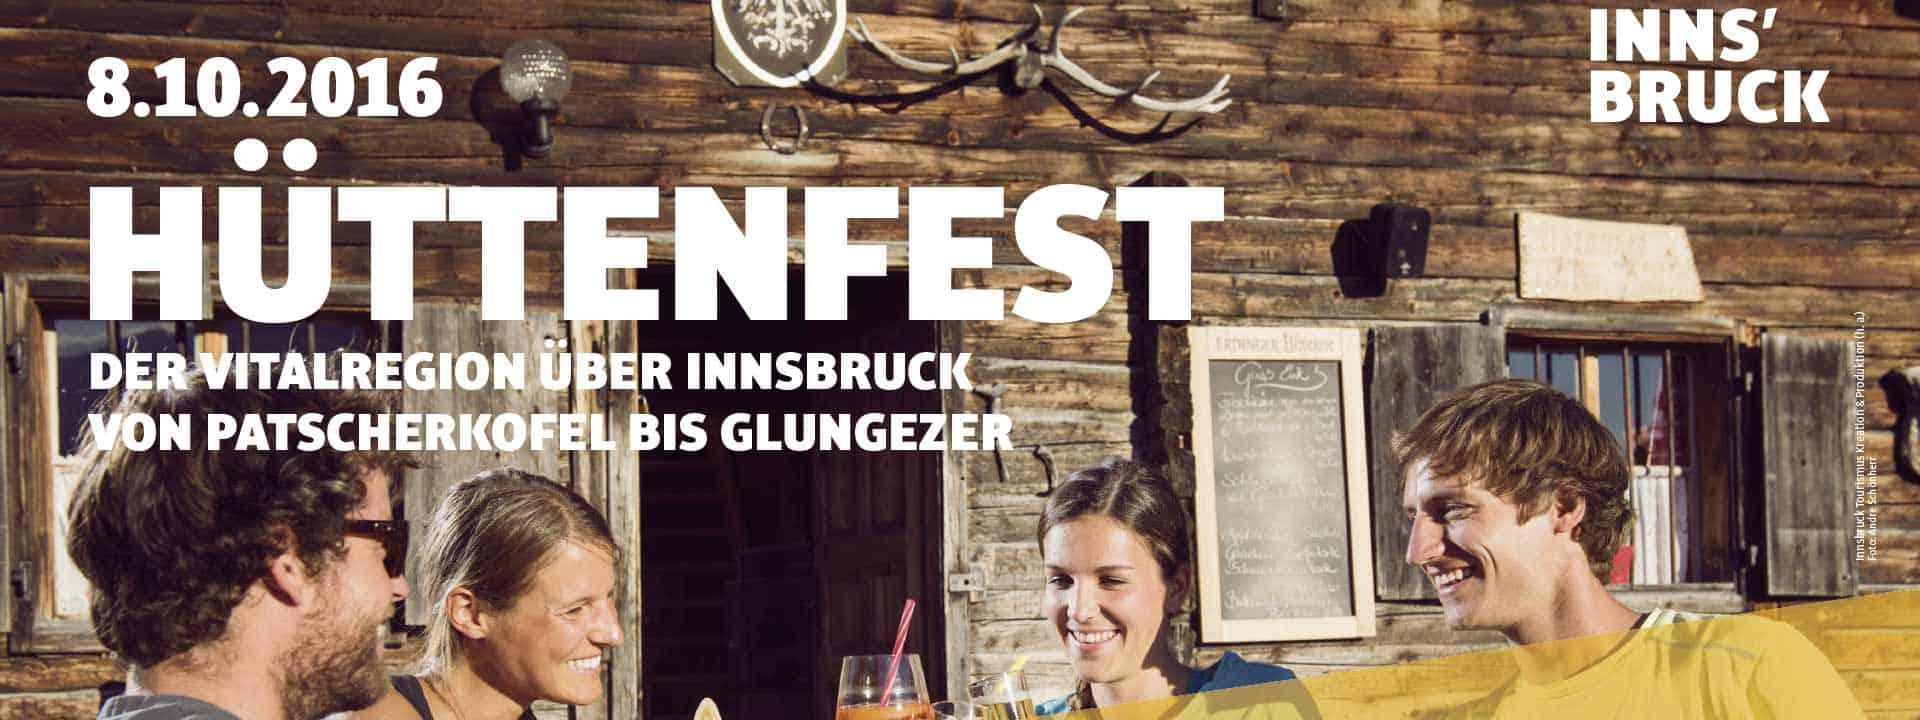 161005-huettenfest-innsbruck-glungezer